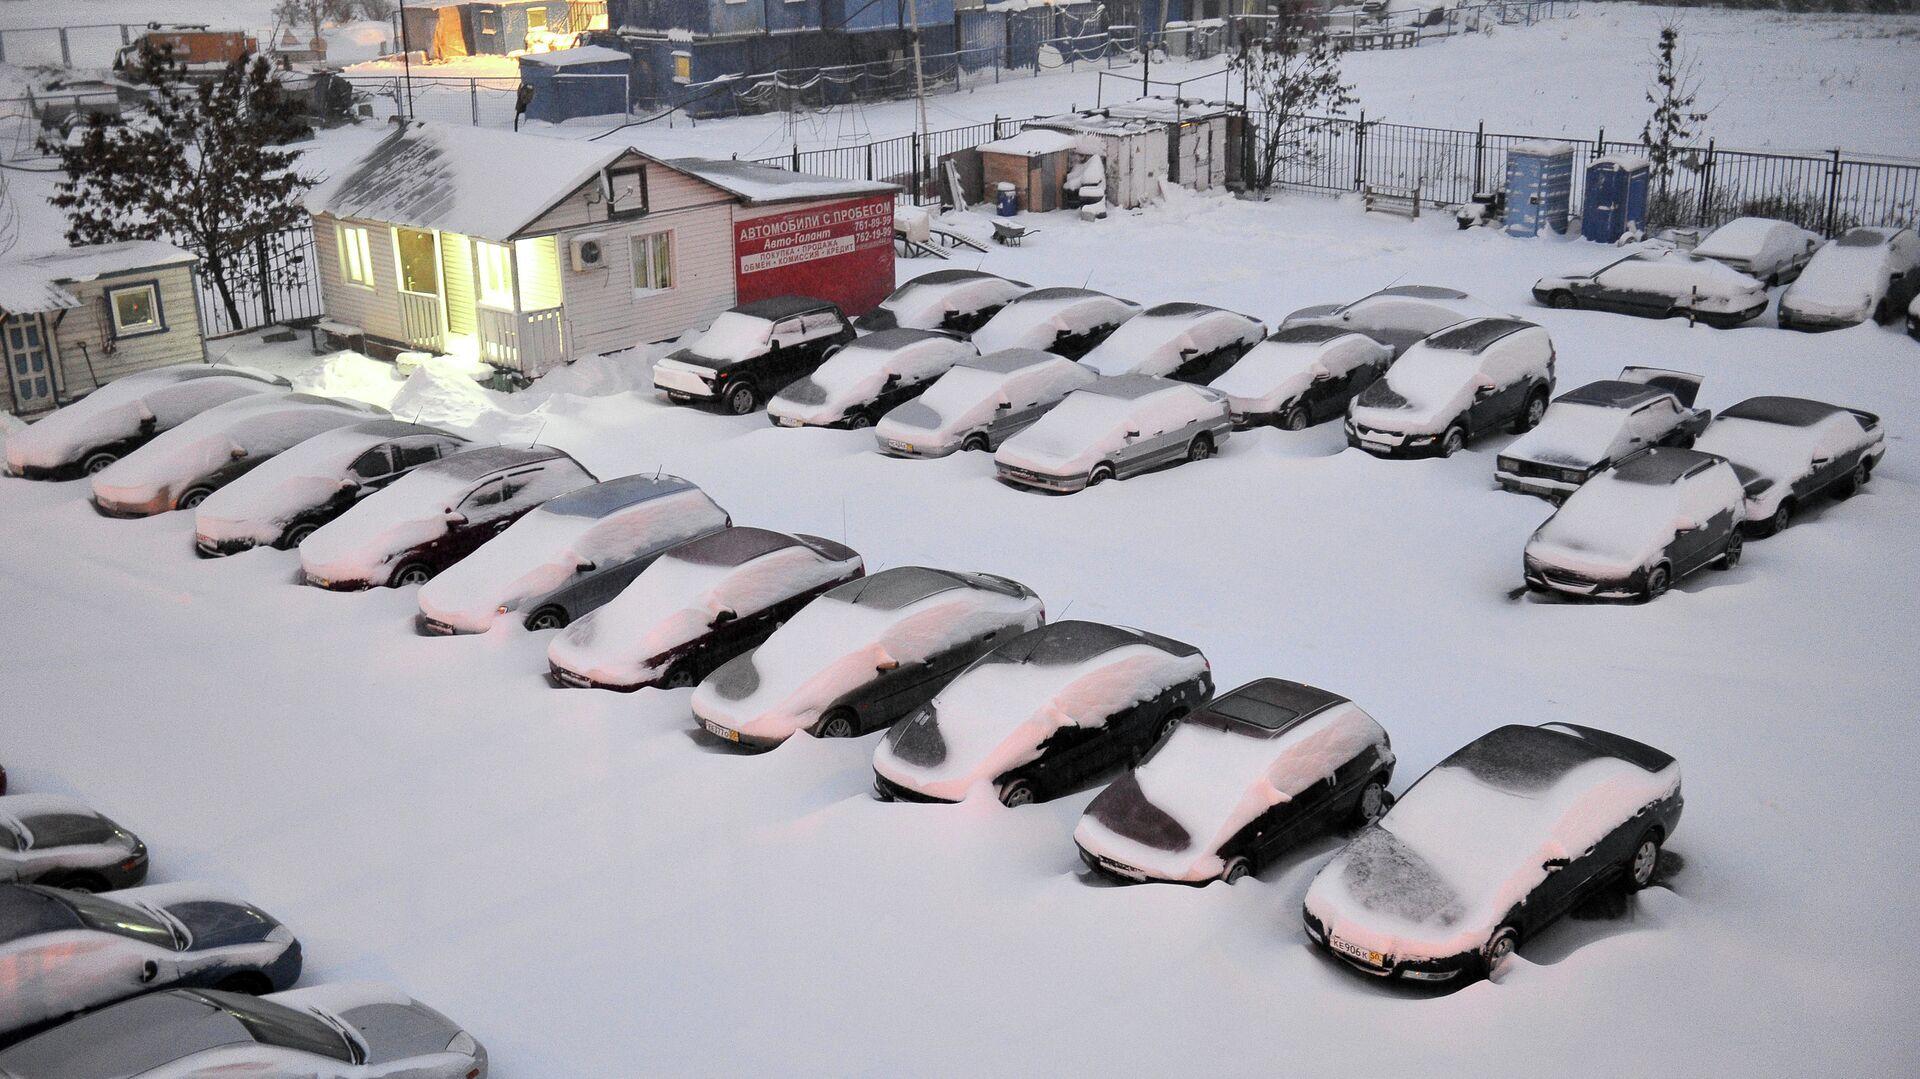 Занесенная снегом стоянка машин на улице Профсоюзная в Москве - РИА Новости, 1920, 08.01.2021